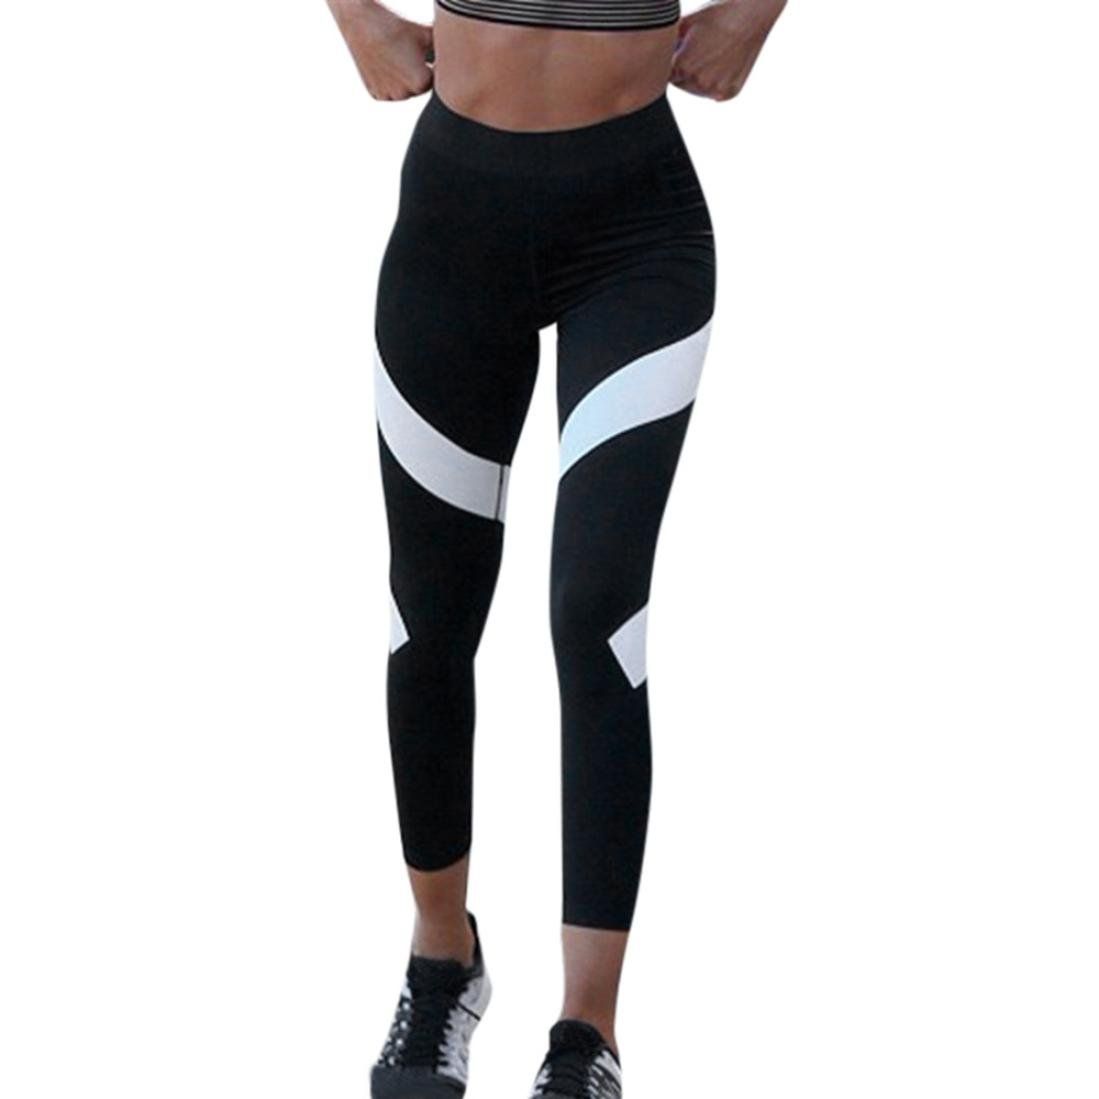 Yoga Pant Donna - Luoluoluo Leggings Donne pantaloni di corsa con inserti in rete Fitness Yoga Pantaloncini Sportivi, Sport fitness ritagliati pantaloni